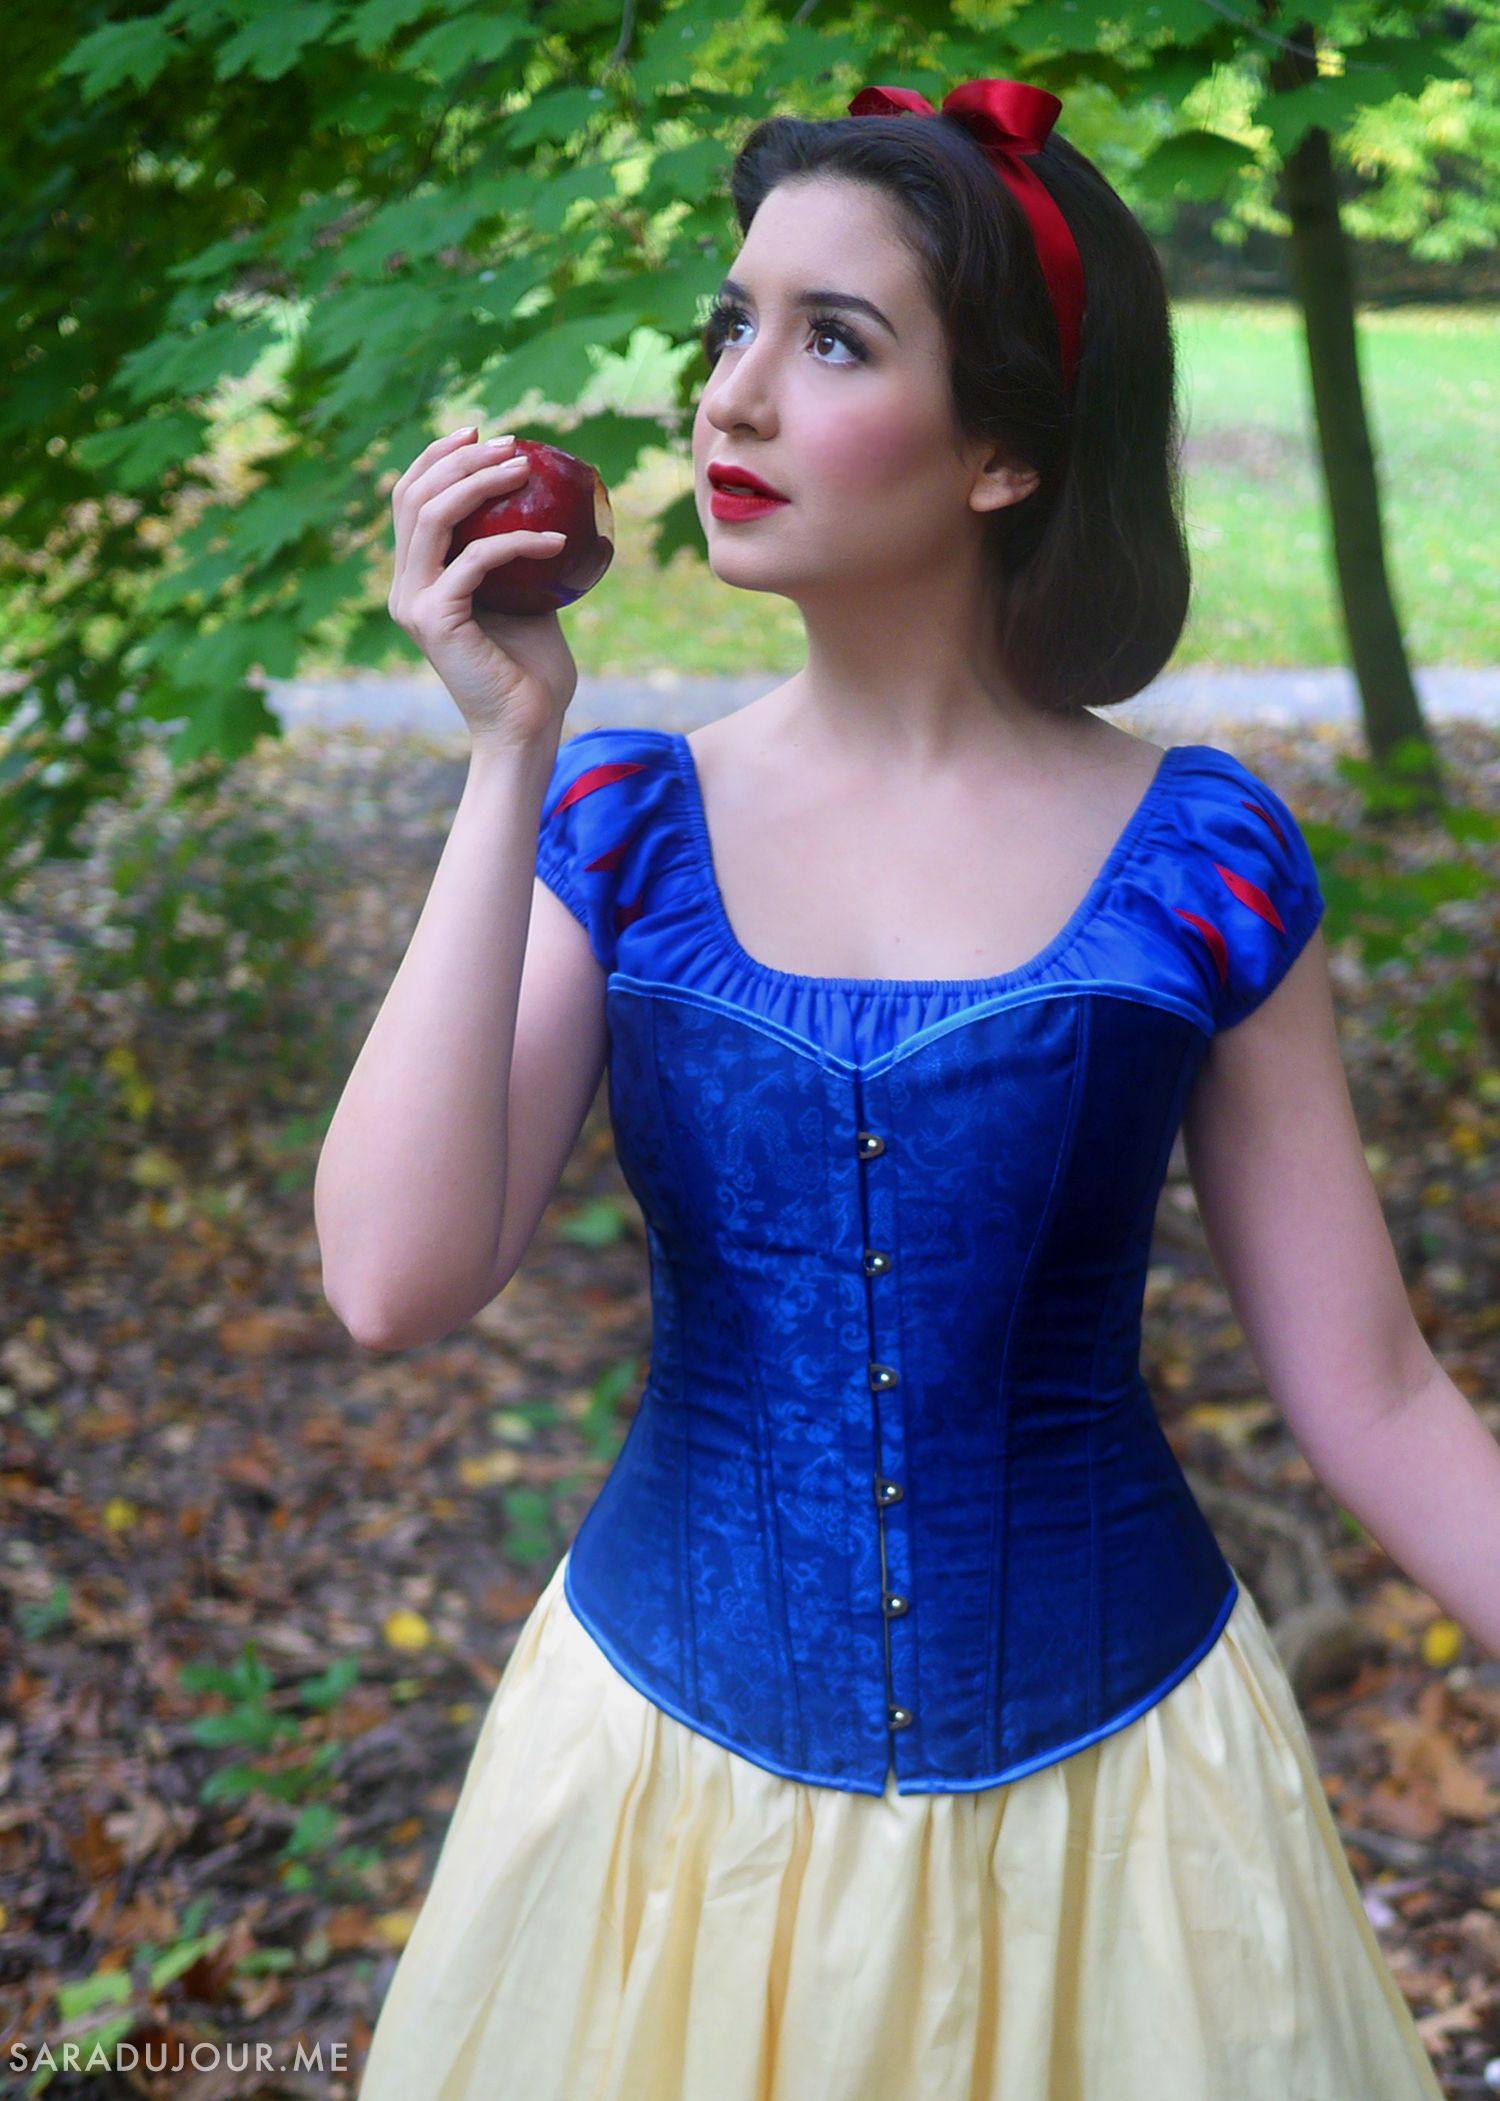 Snow White Halloween Costume | Snow white halloween costume  Original Snow White Costume